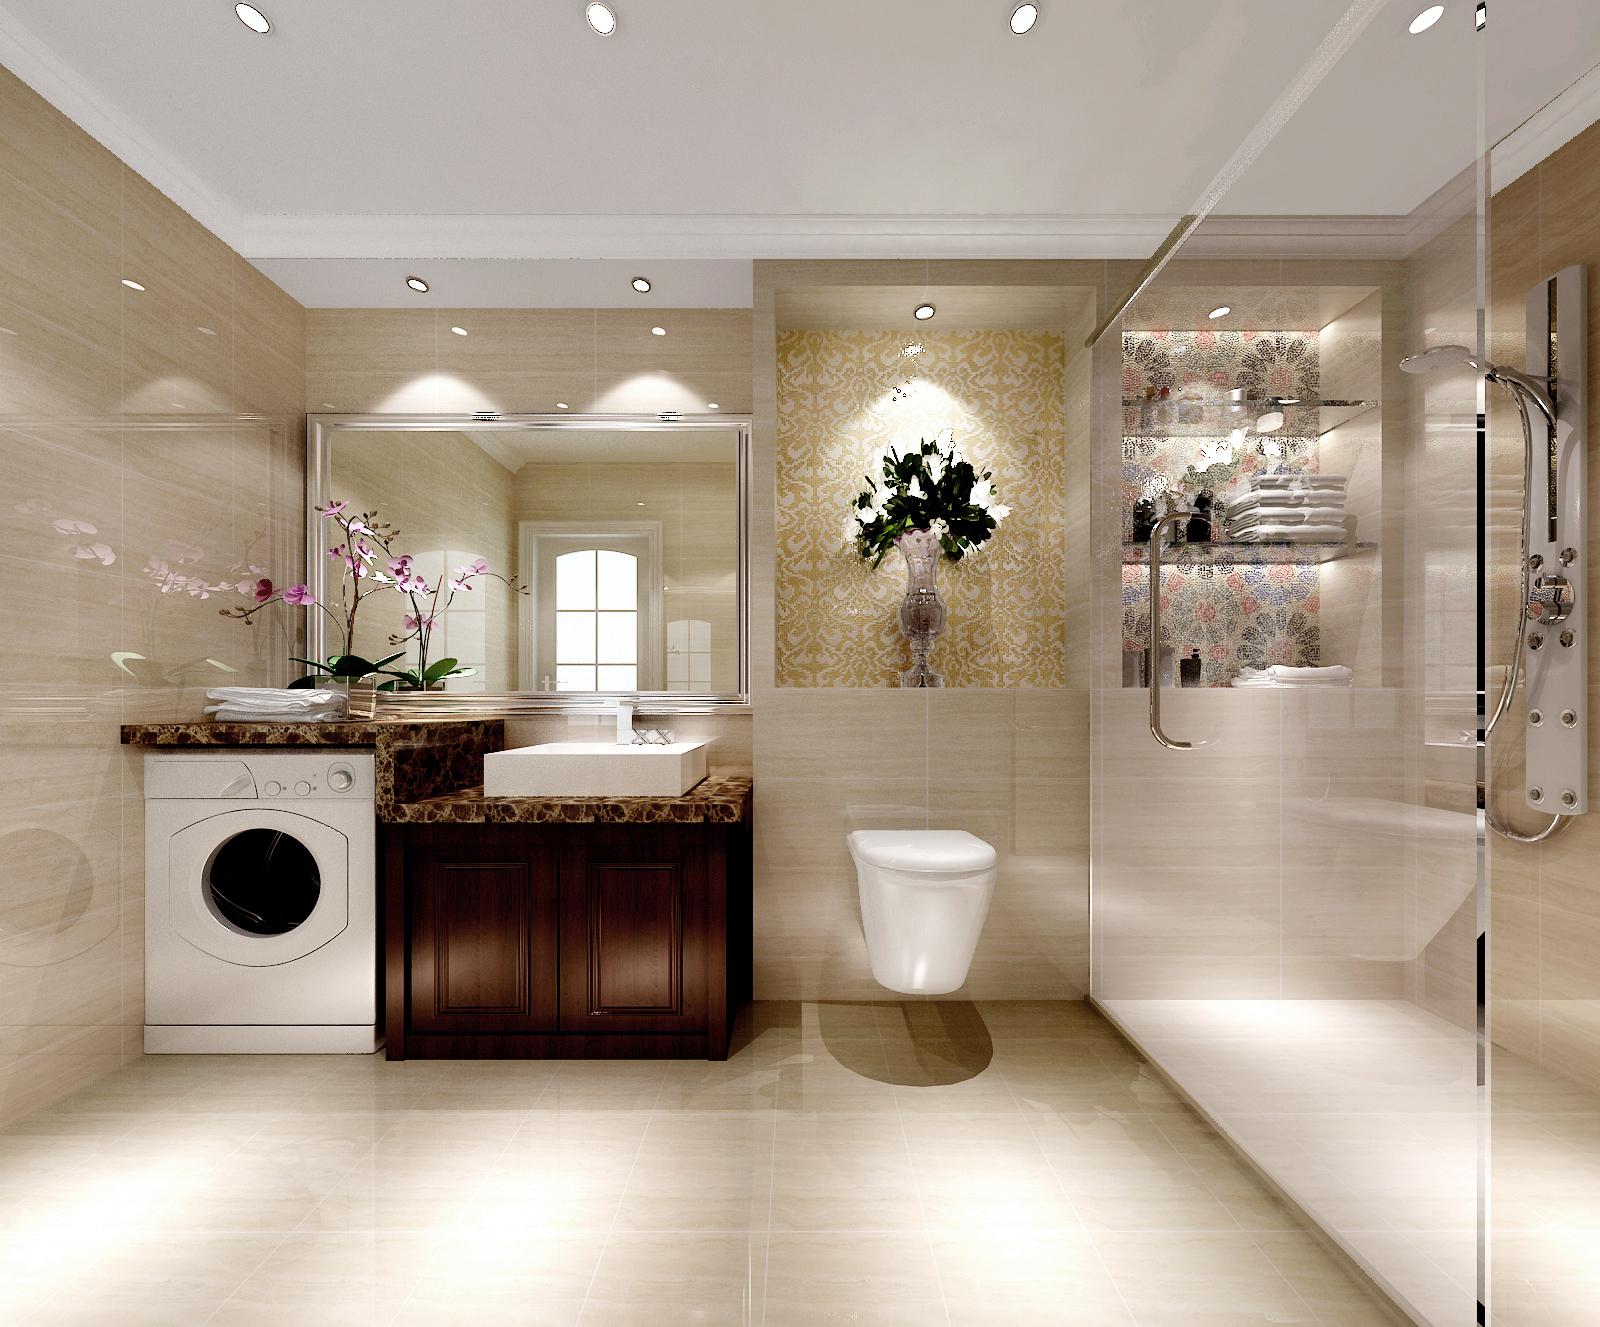 简约 欧式 三居 装修公司 高度国际 卫生间图片来自高度国际装饰华华在简约中的经典的分享